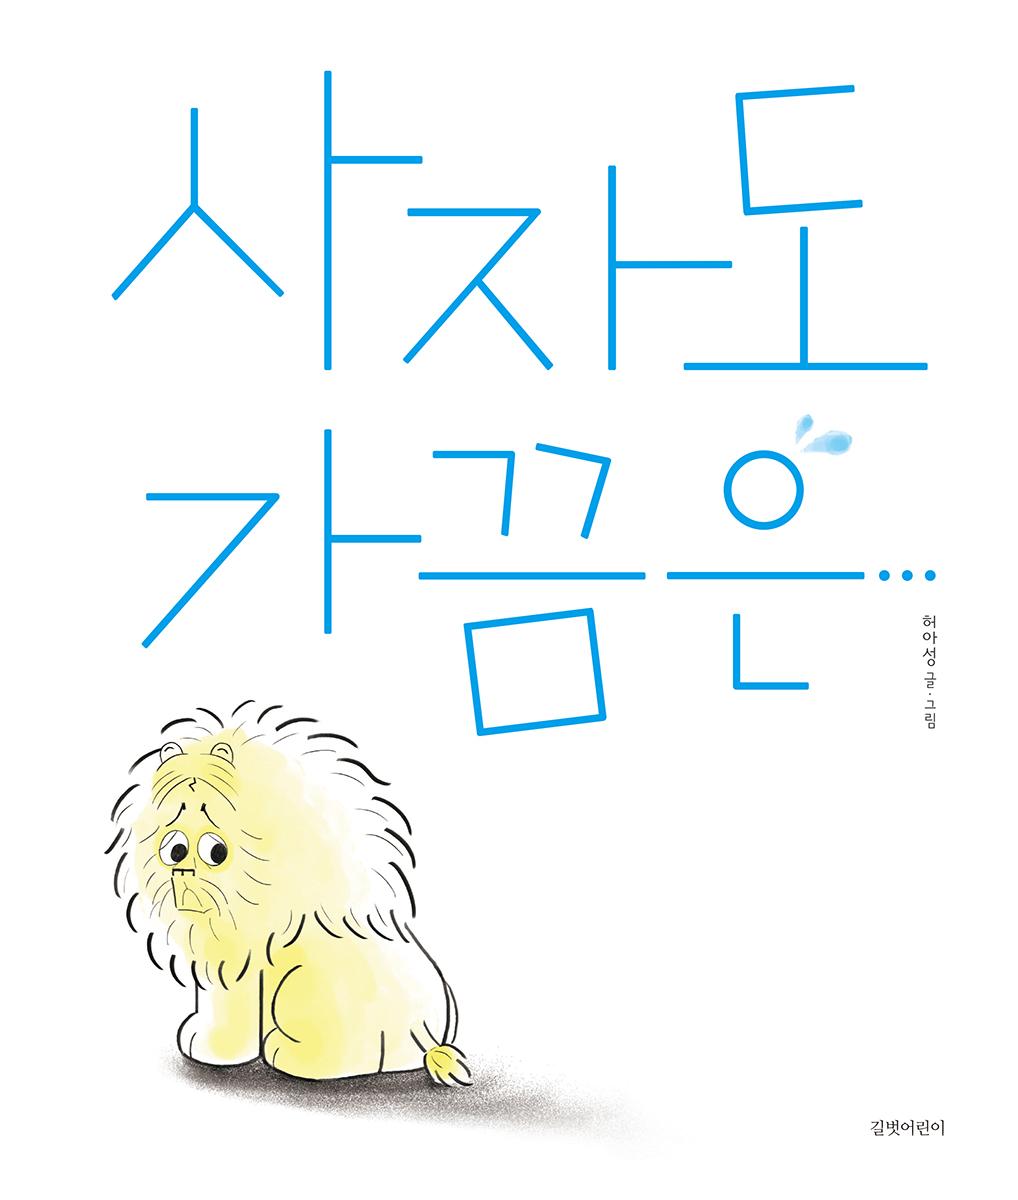 사자도 가끔은...